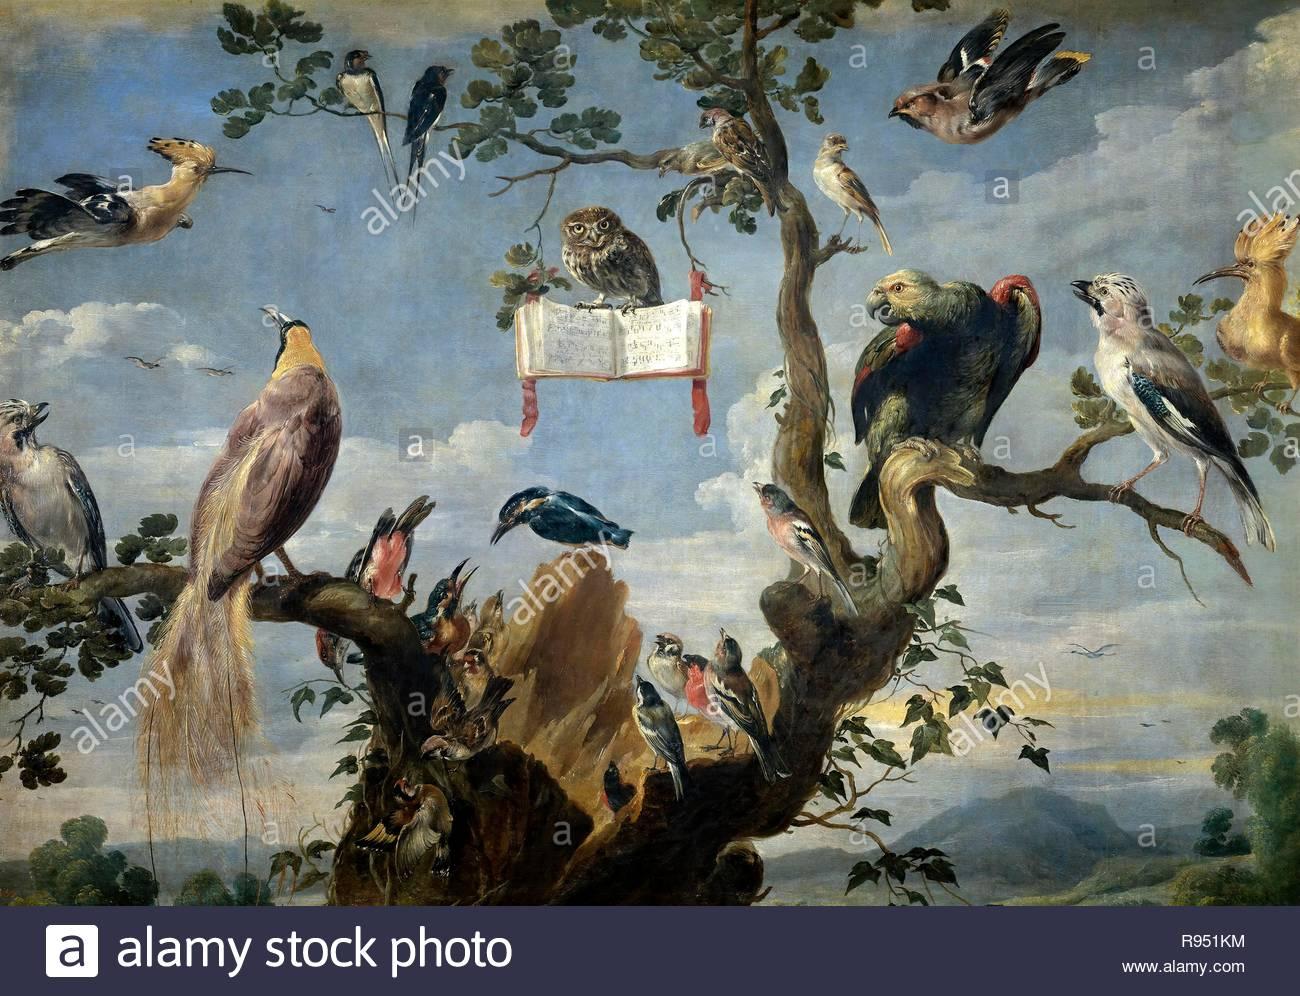 Frans Snyders/' Konzert der Vögel', 1629-1630, flämischen Schule, Öl auf Leinwand, 98 cm x 137 cm, P 01758. Museum: Museo del Prado. Stockbild